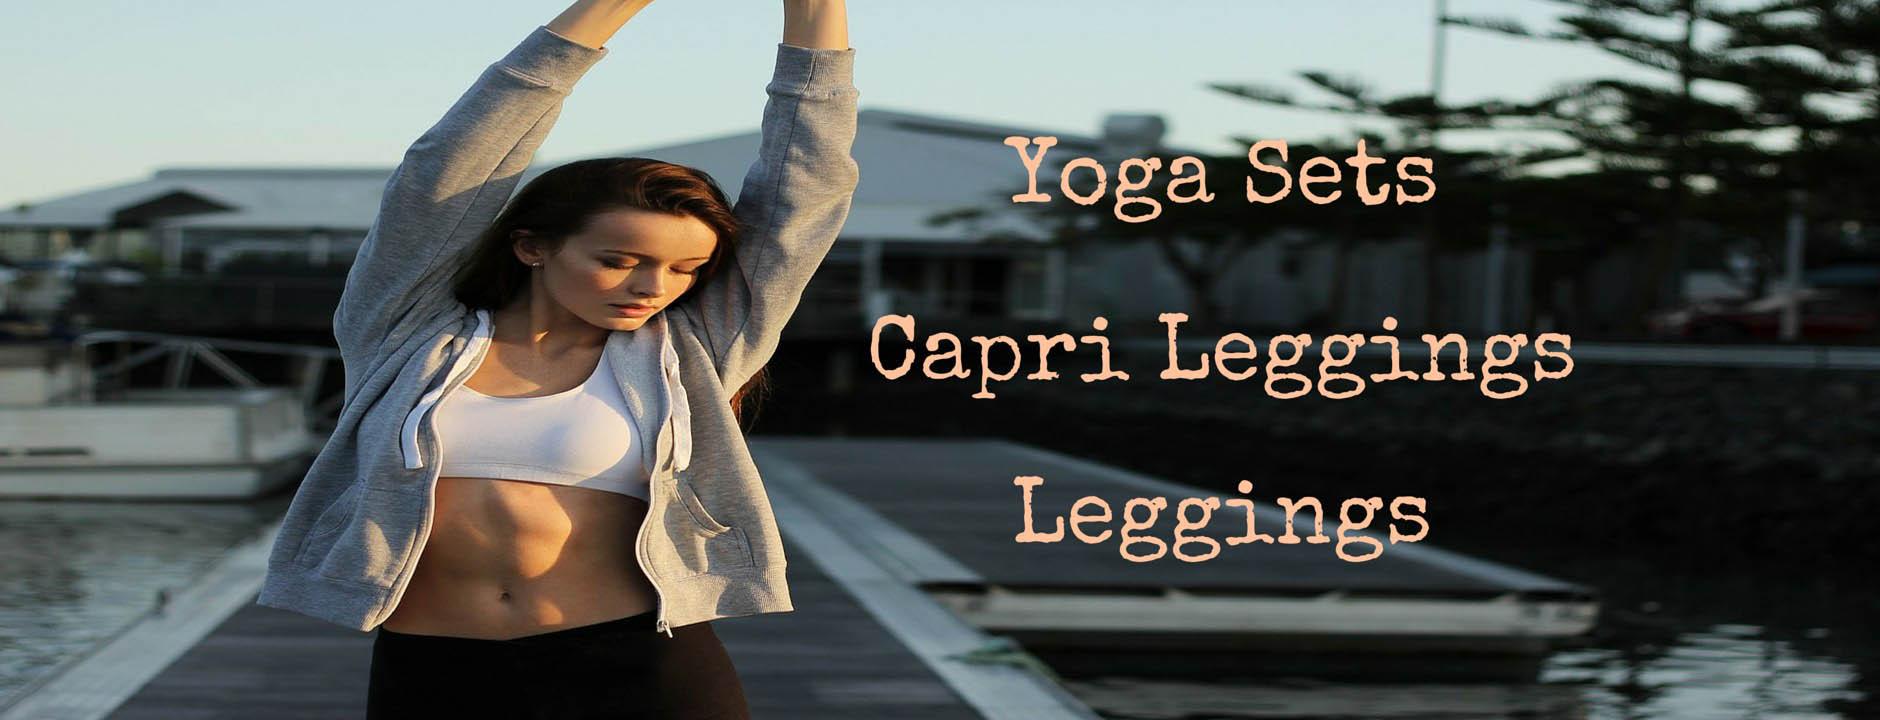 Leggings, Capri Leggings and Yoga wear